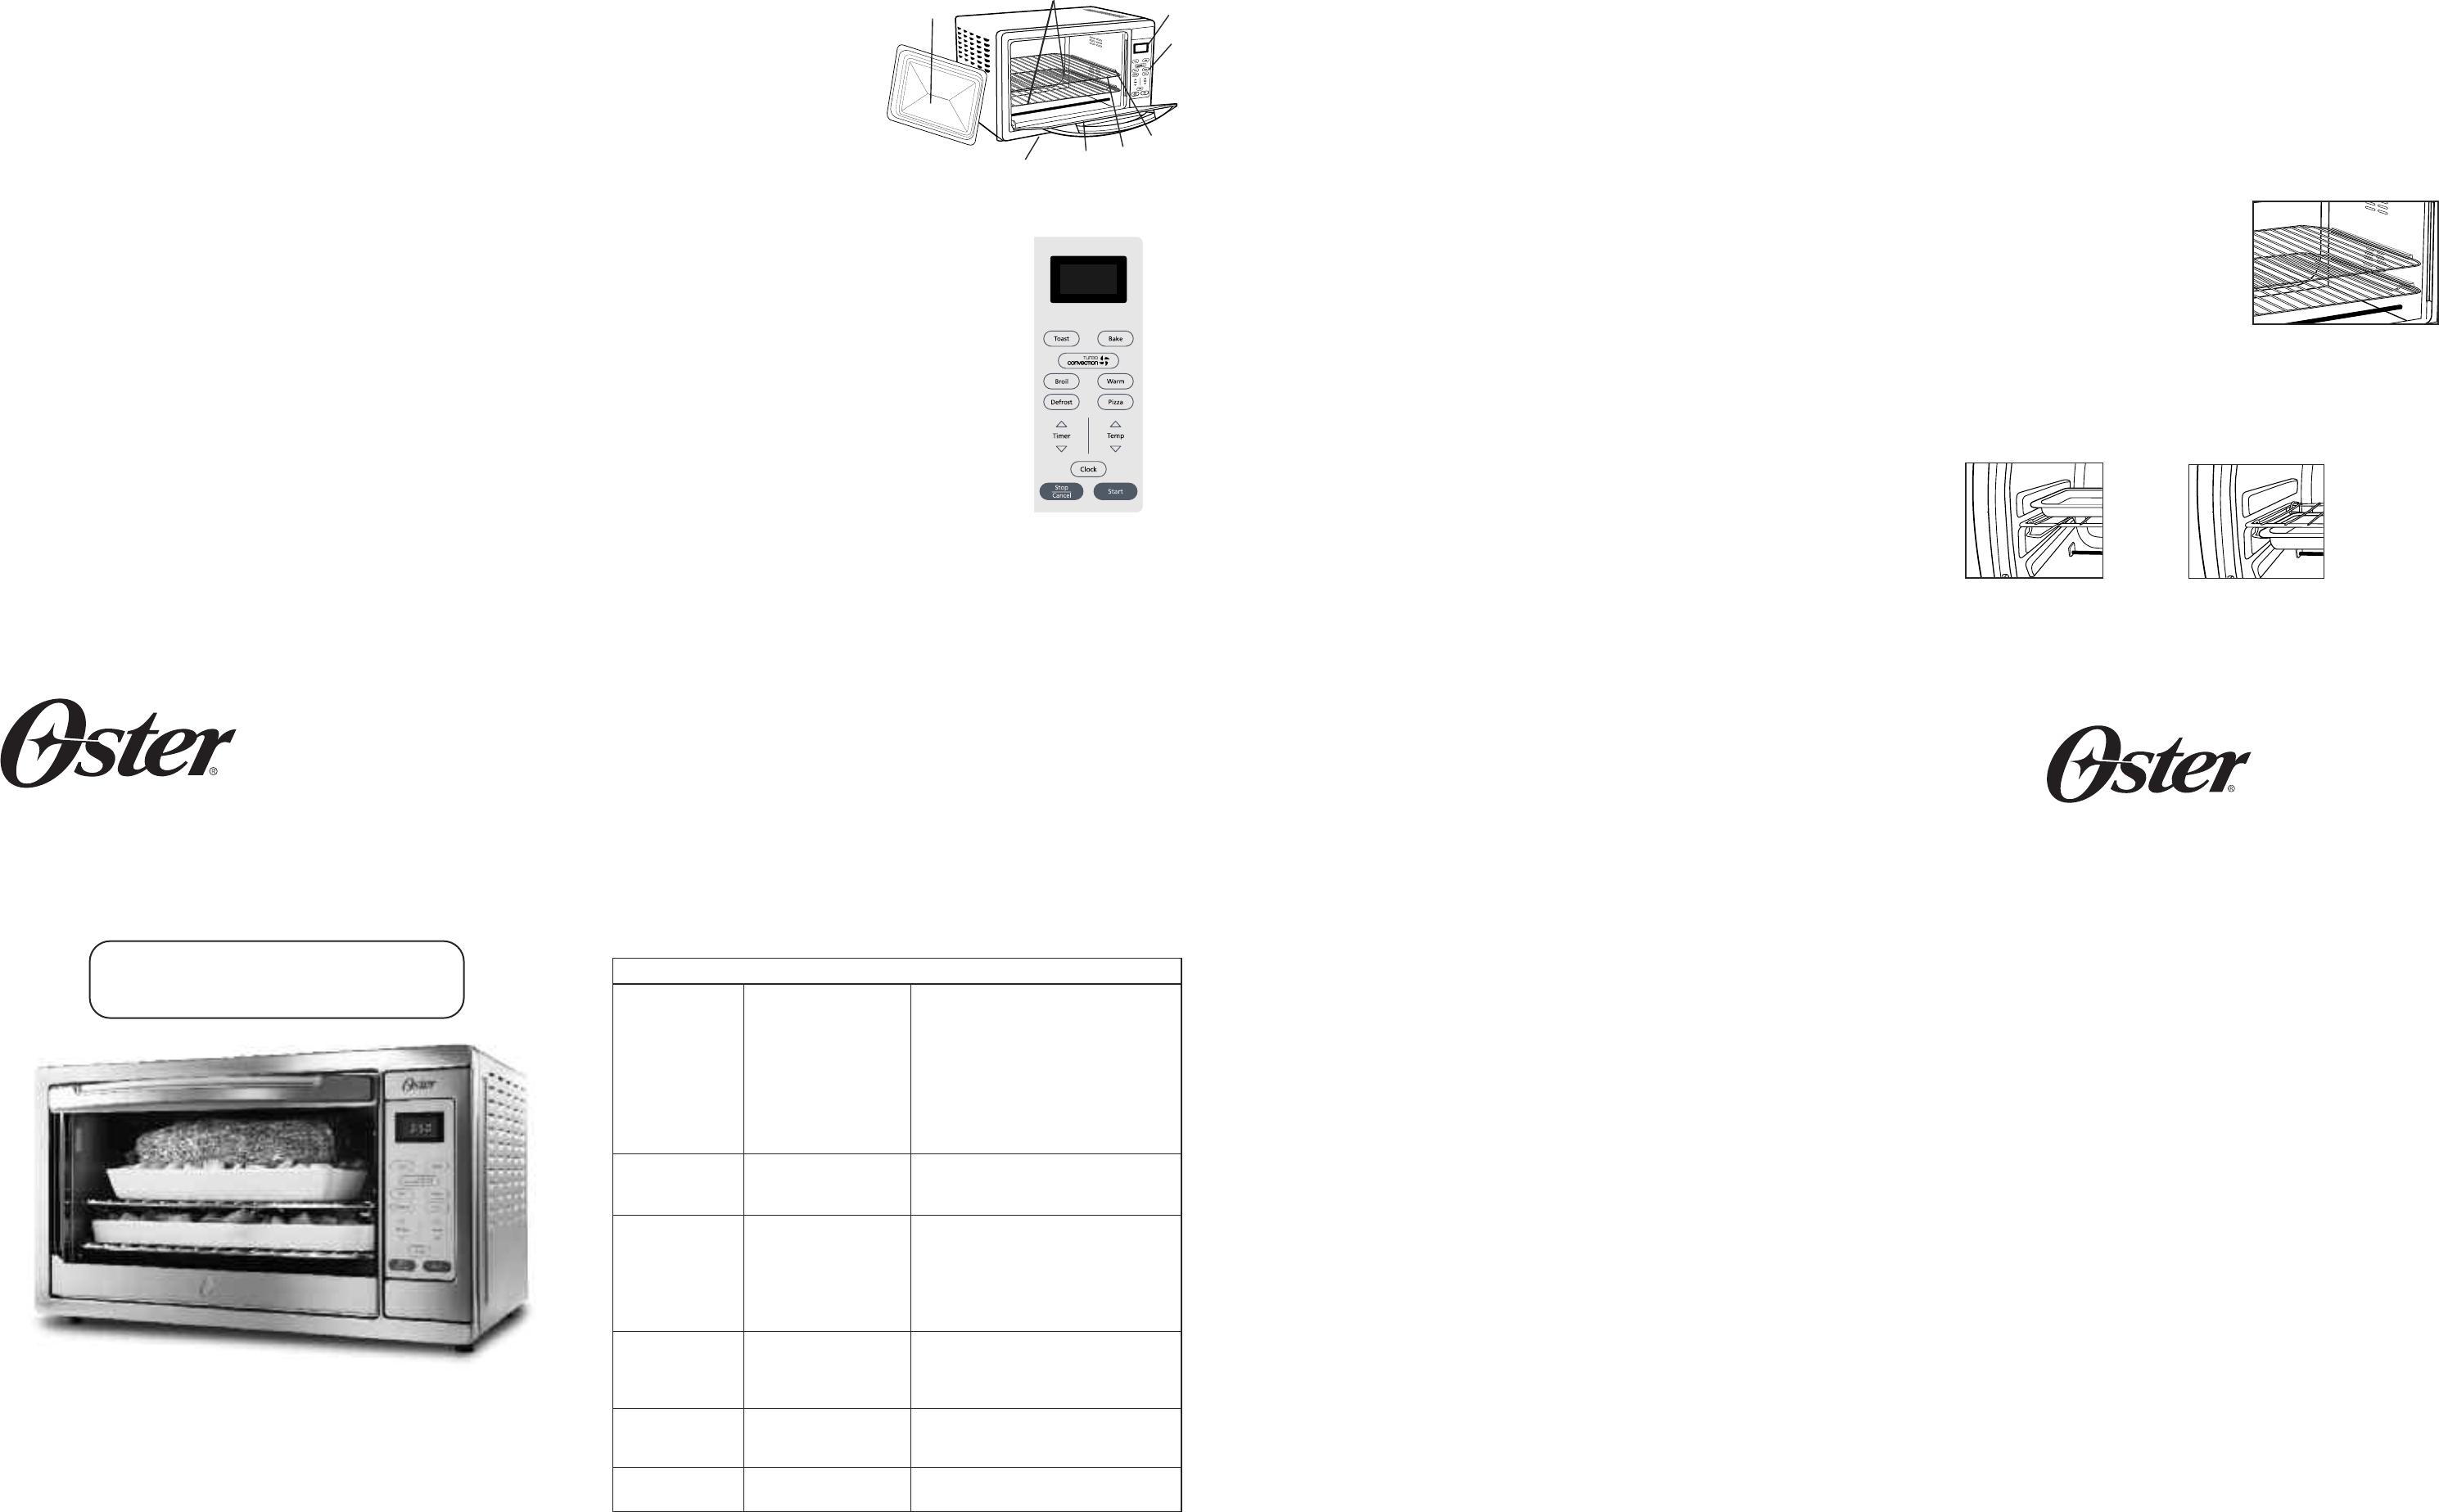 oster oven tssttvxldg 001 user guide manualsonline com rh music manualsonline com Craftsman Instruction Manual Craftsman LT 2000 Manual PDF